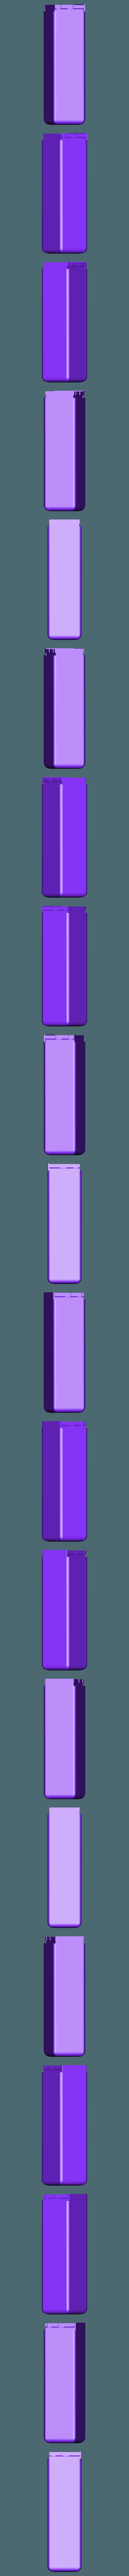 Cigarette package x5 - Down.STL Télécharger fichier STL gratuit Aboa - Solution pour fumer moins et arrêter le tabac • Plan imprimable en 3D, jeromeelie